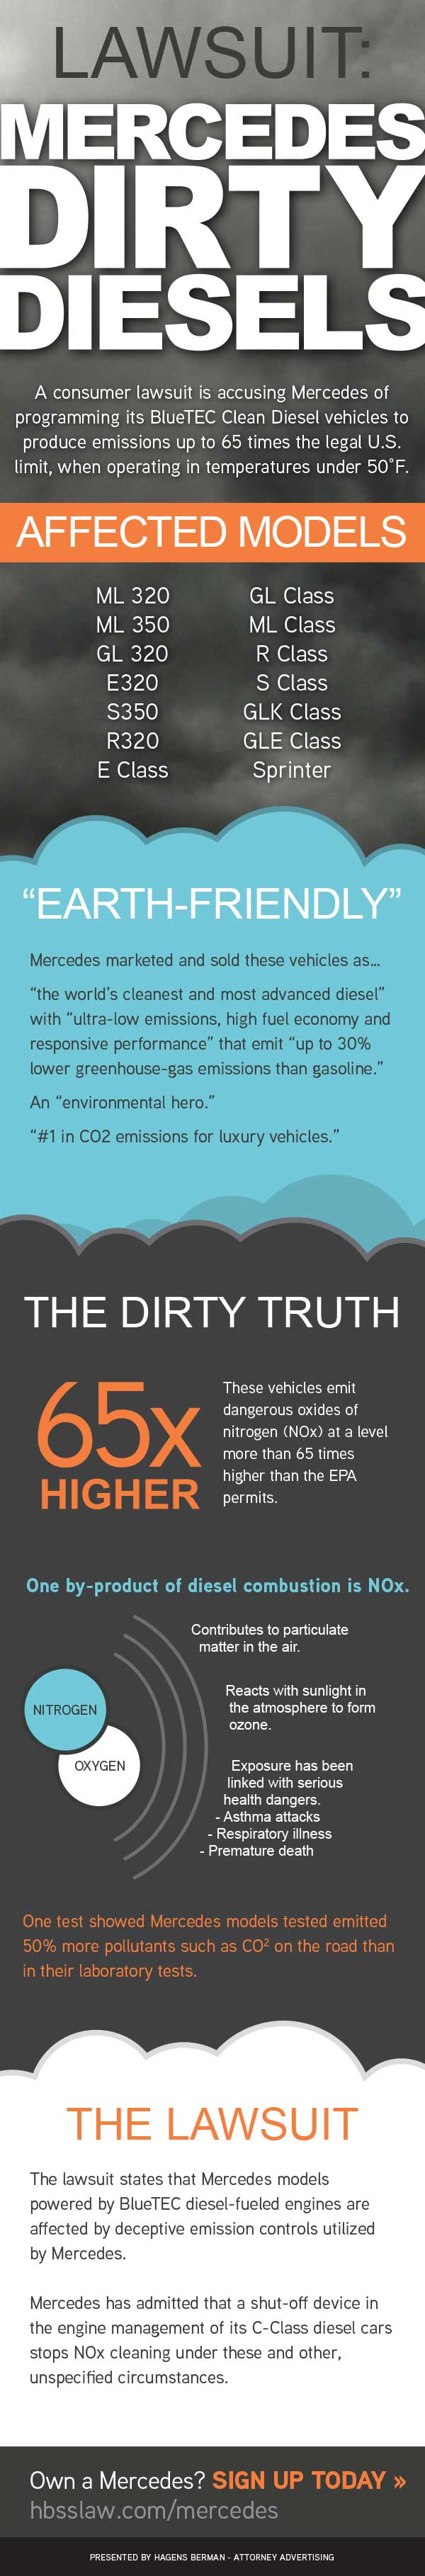 Mercedes BlueTEC Diesel Emissions Class Action Lawsuit